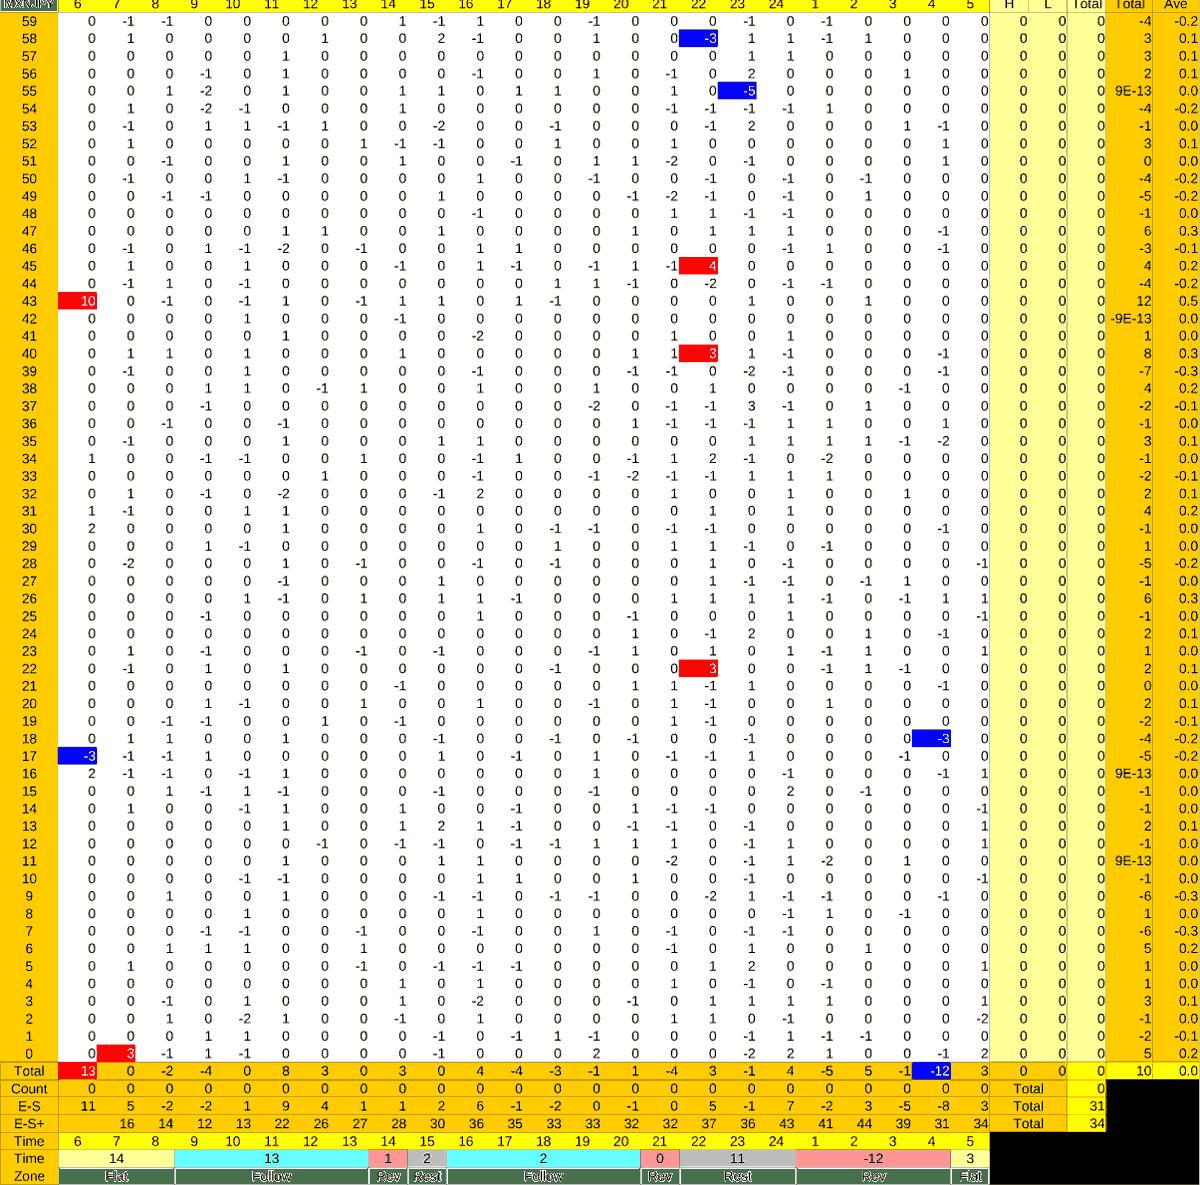 20210910_HS(3)MXNJPY-min